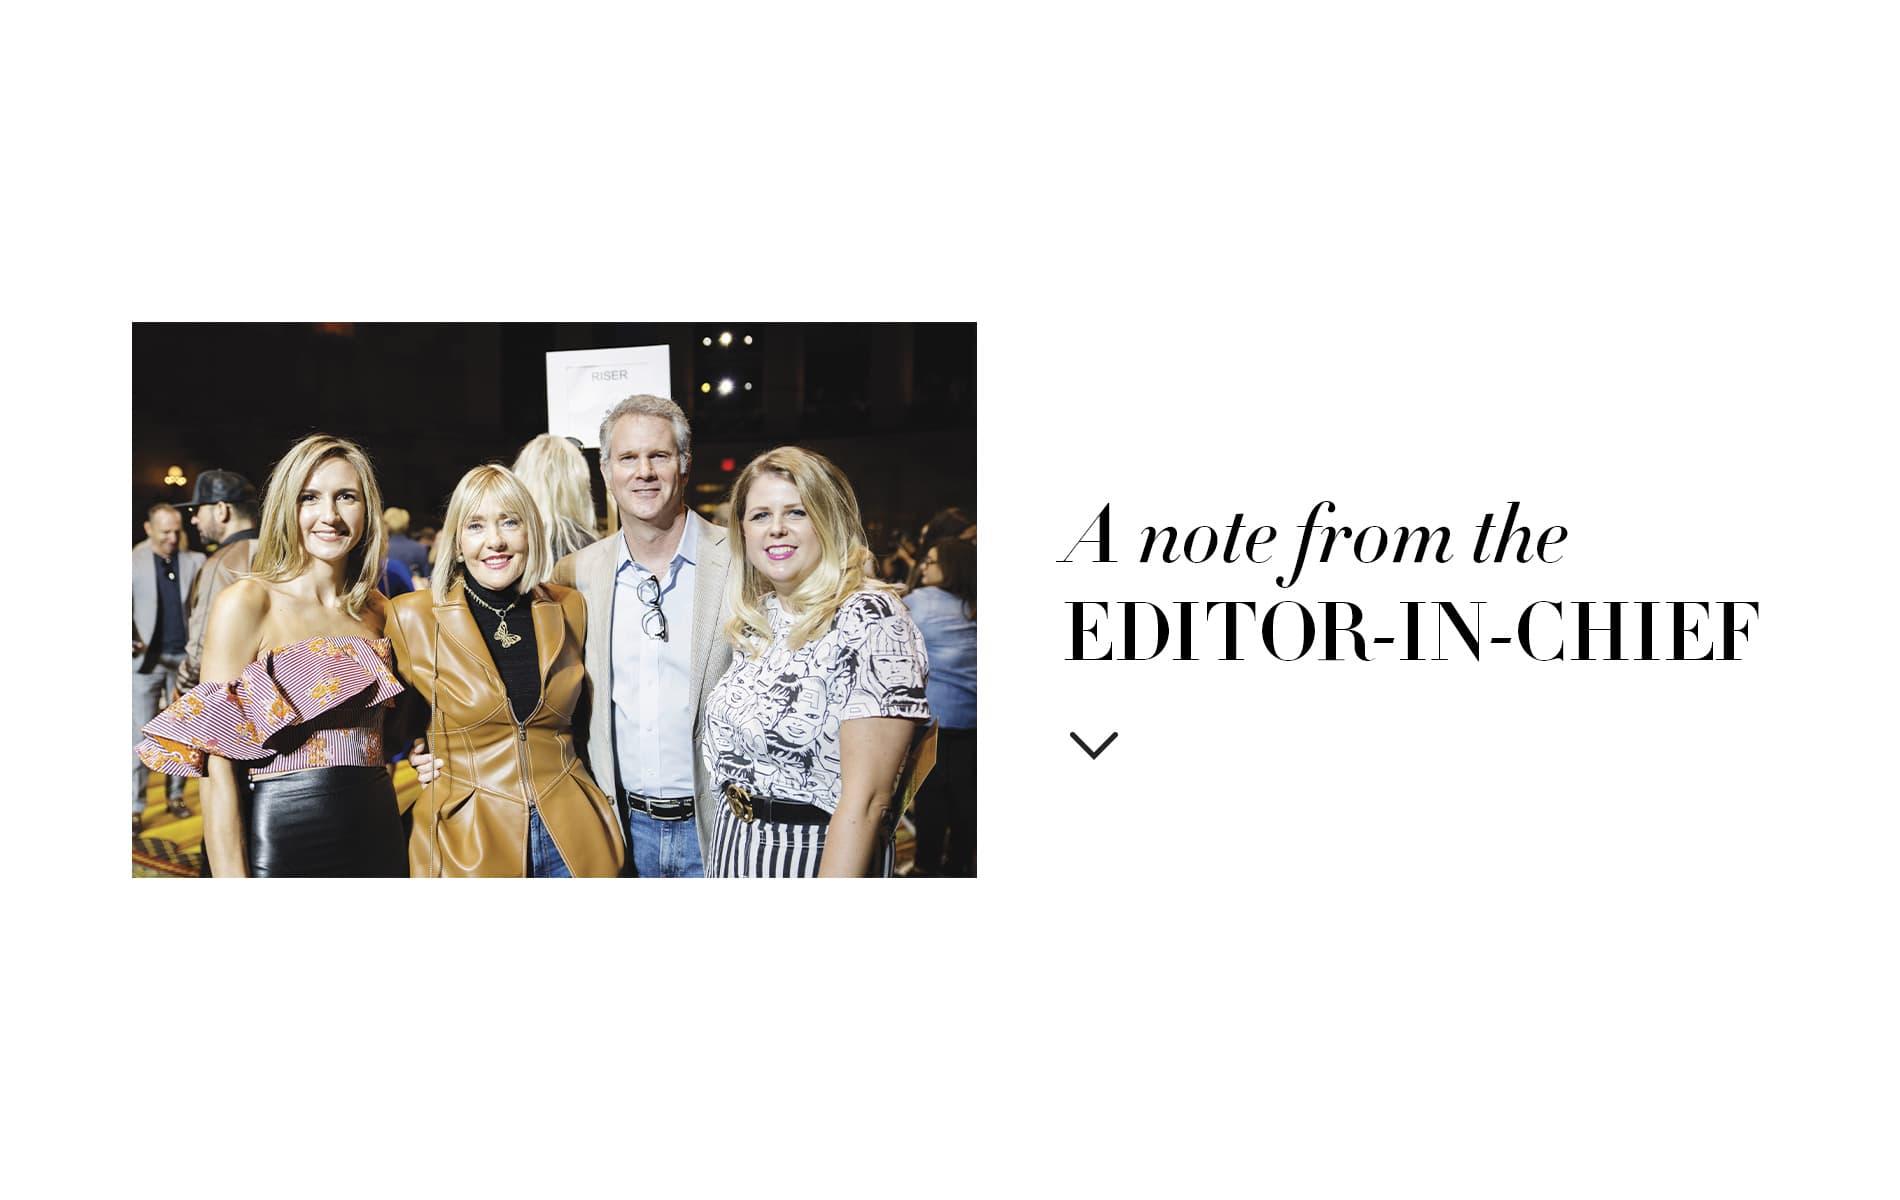 Tracey Thomas, Lisa Burwell, Gerald Burwell, Jordan Staggs, NYFW, New York Fashion Week, Christian Siriano